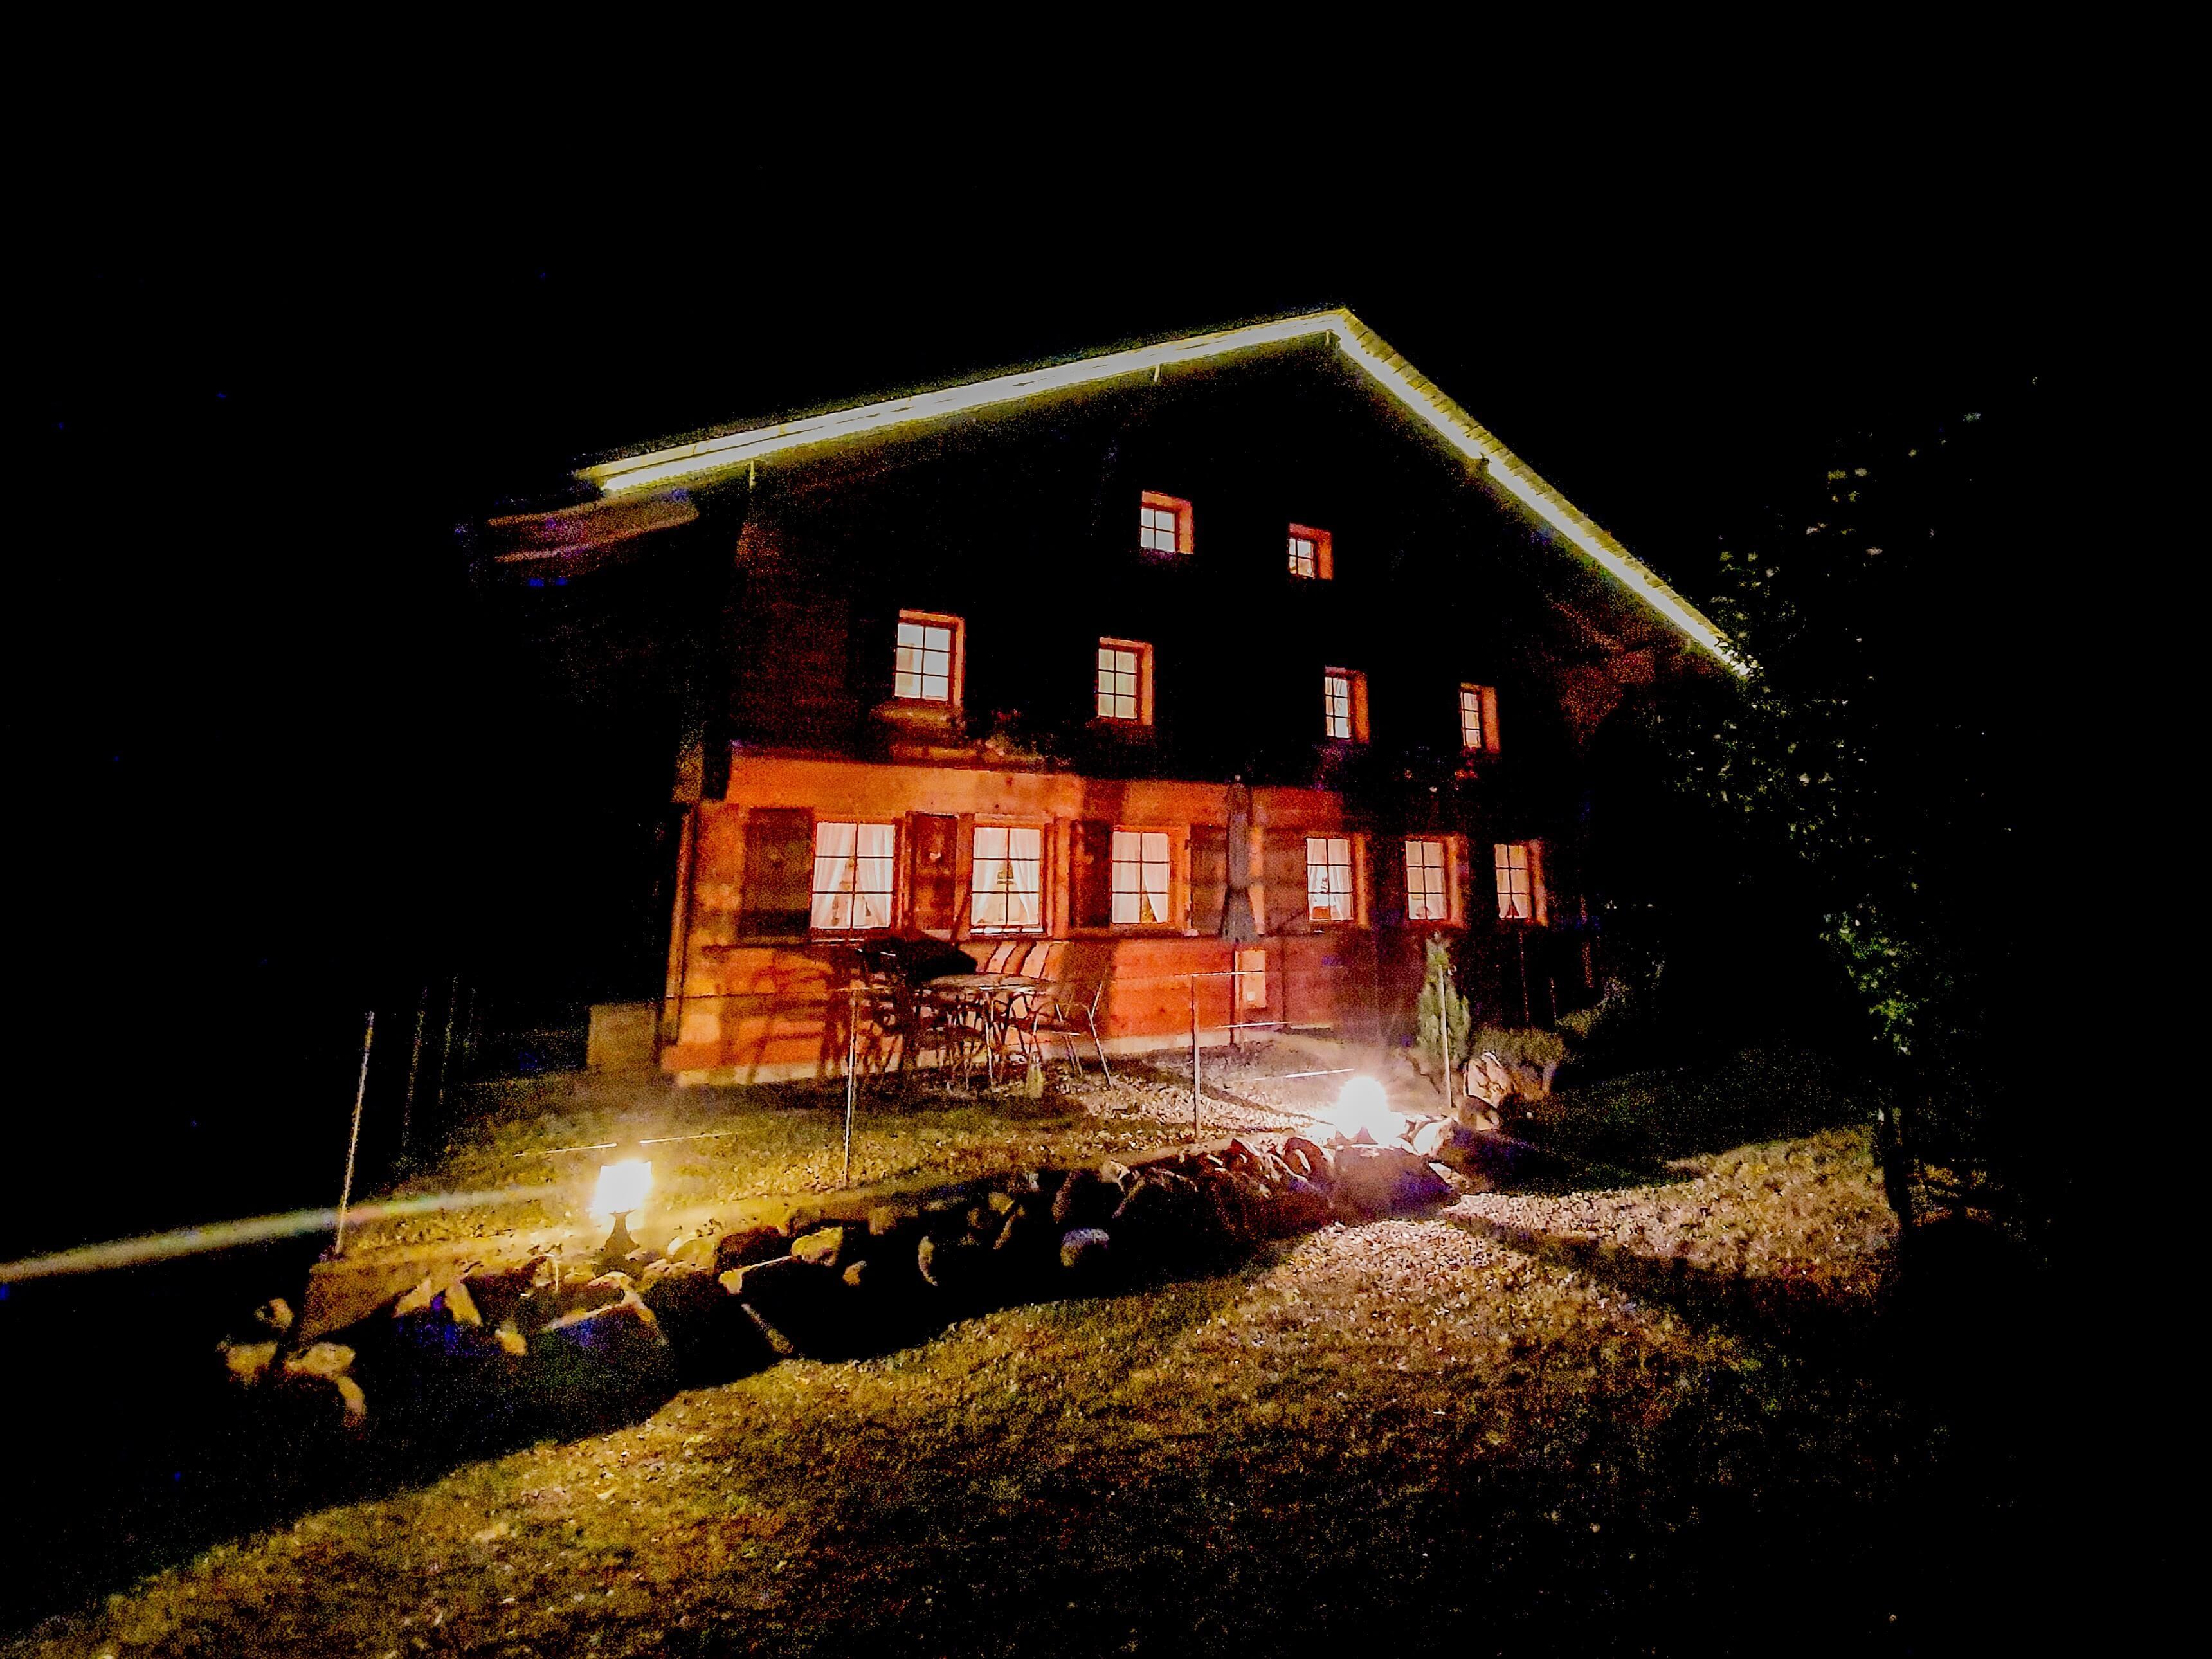 Nacht-Aufnahme